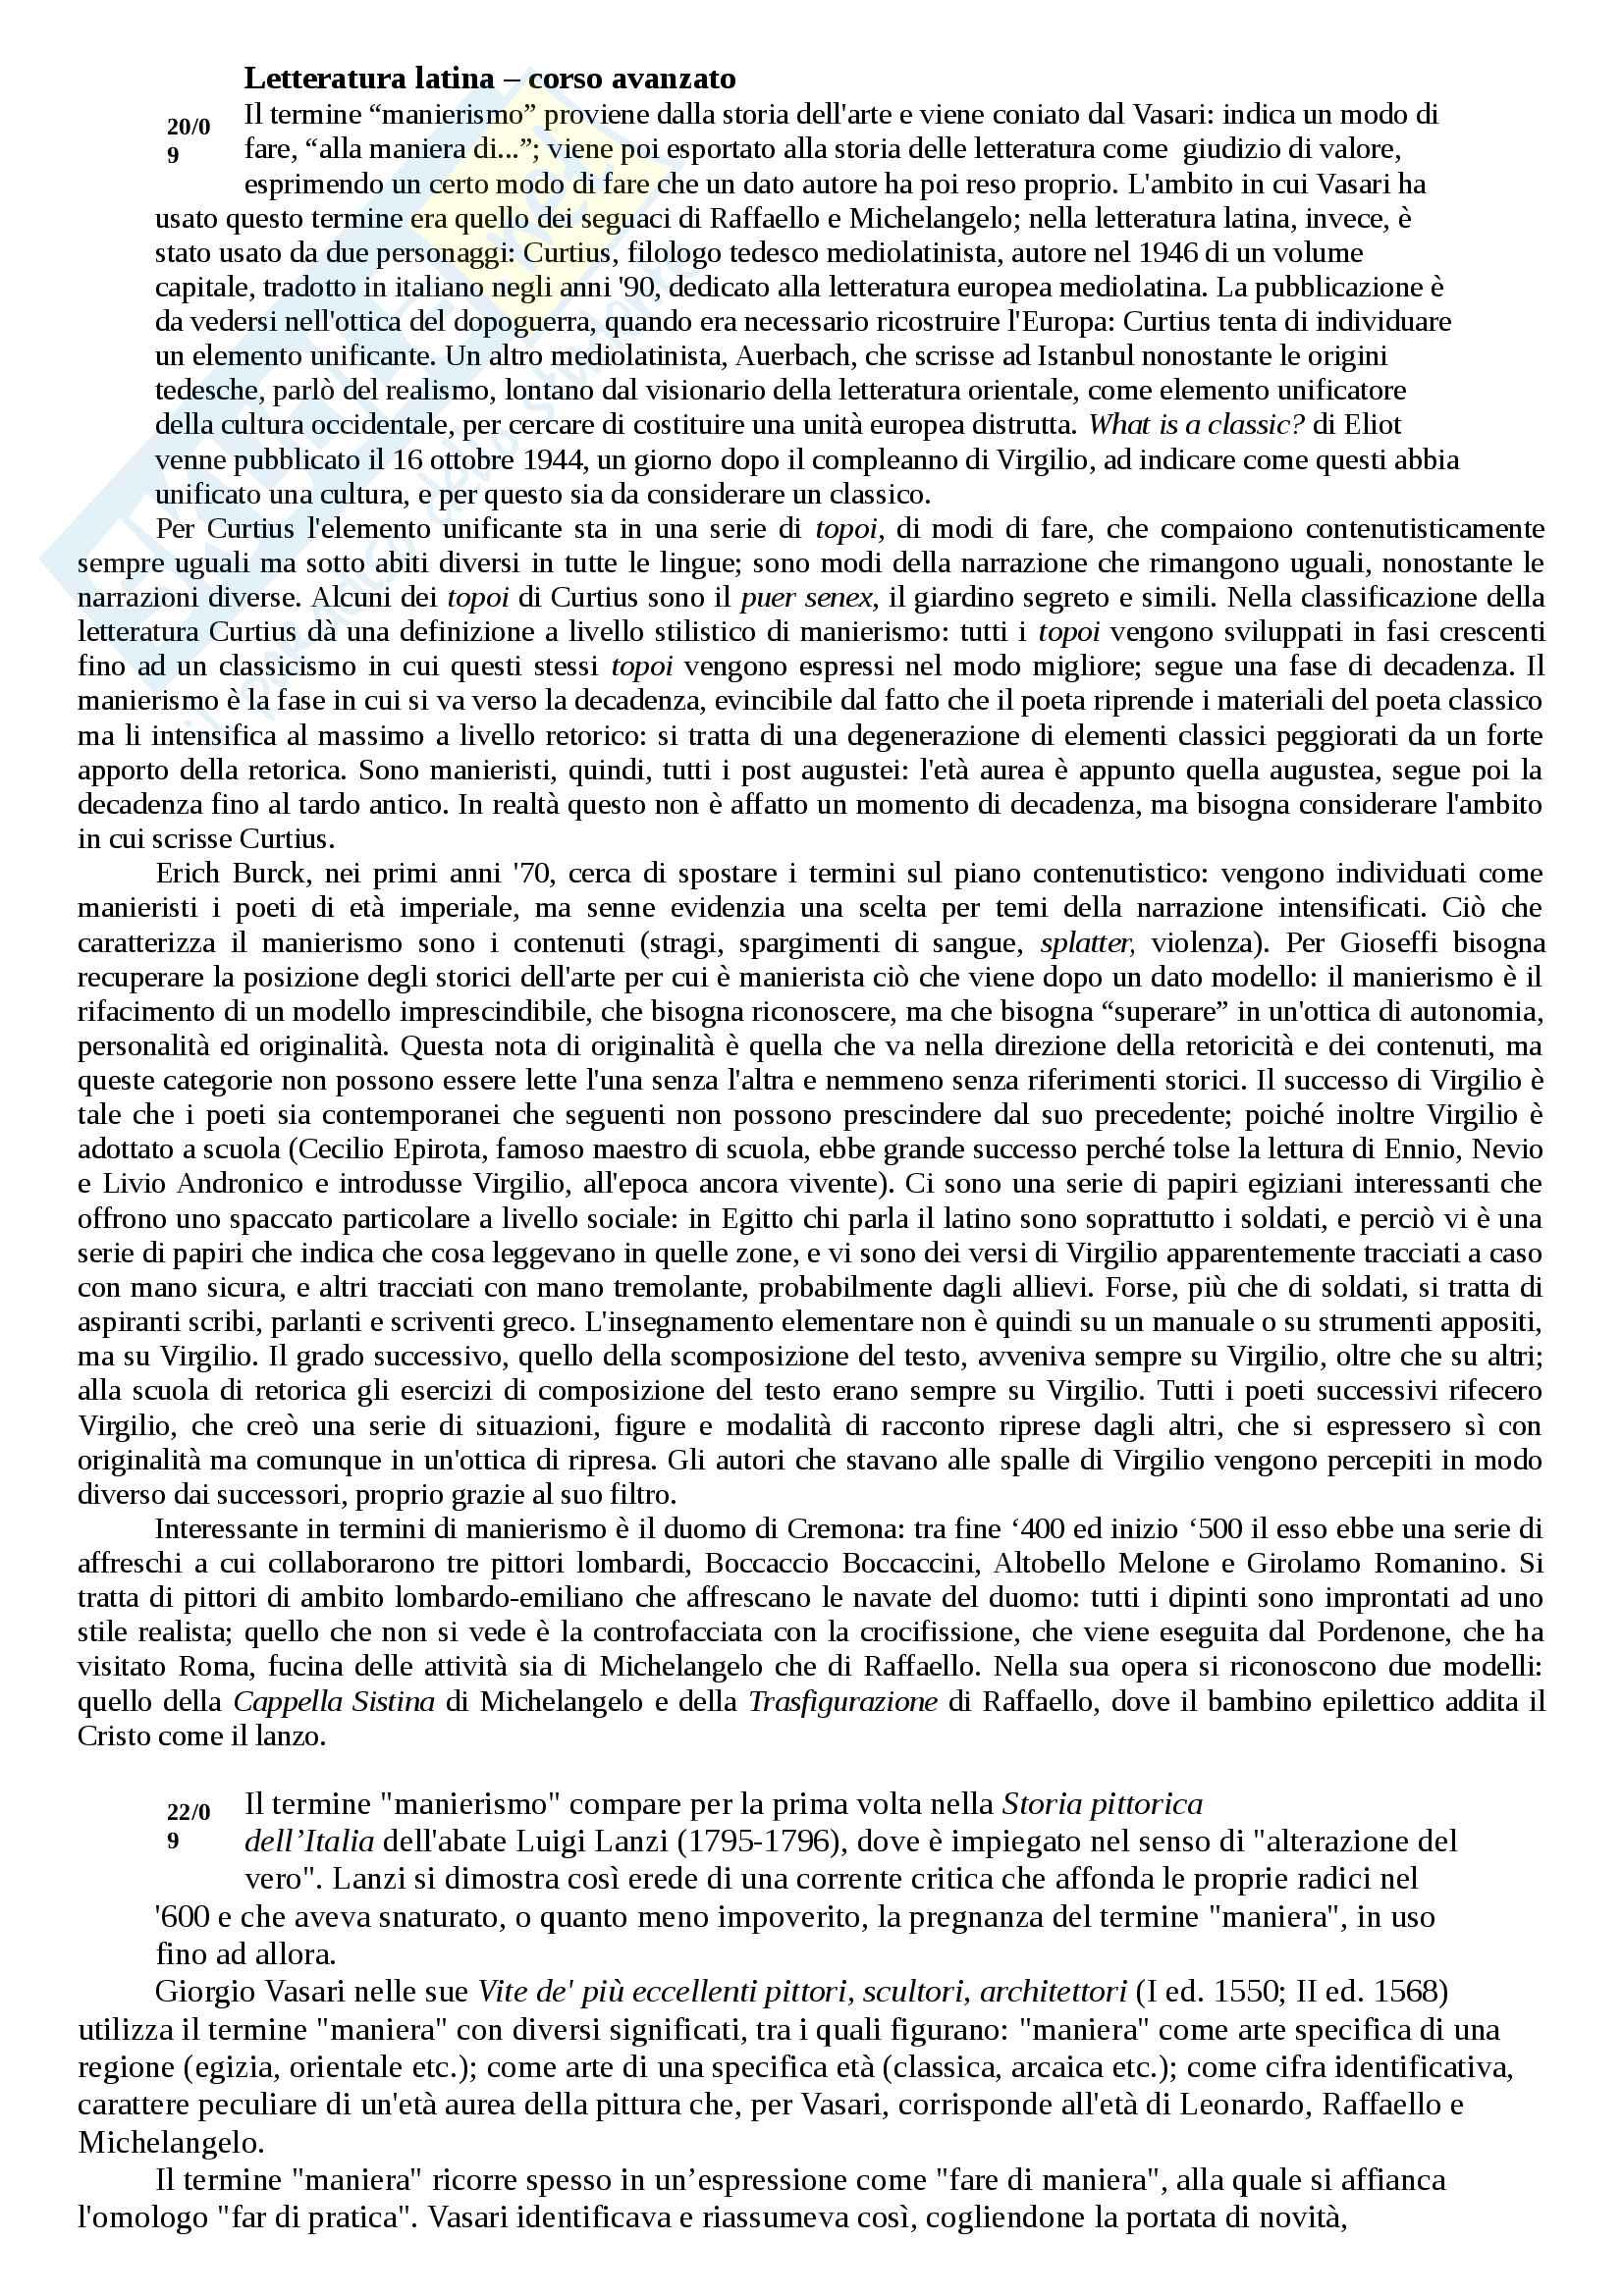 Letteratura latina - corso avanzato 2016/17